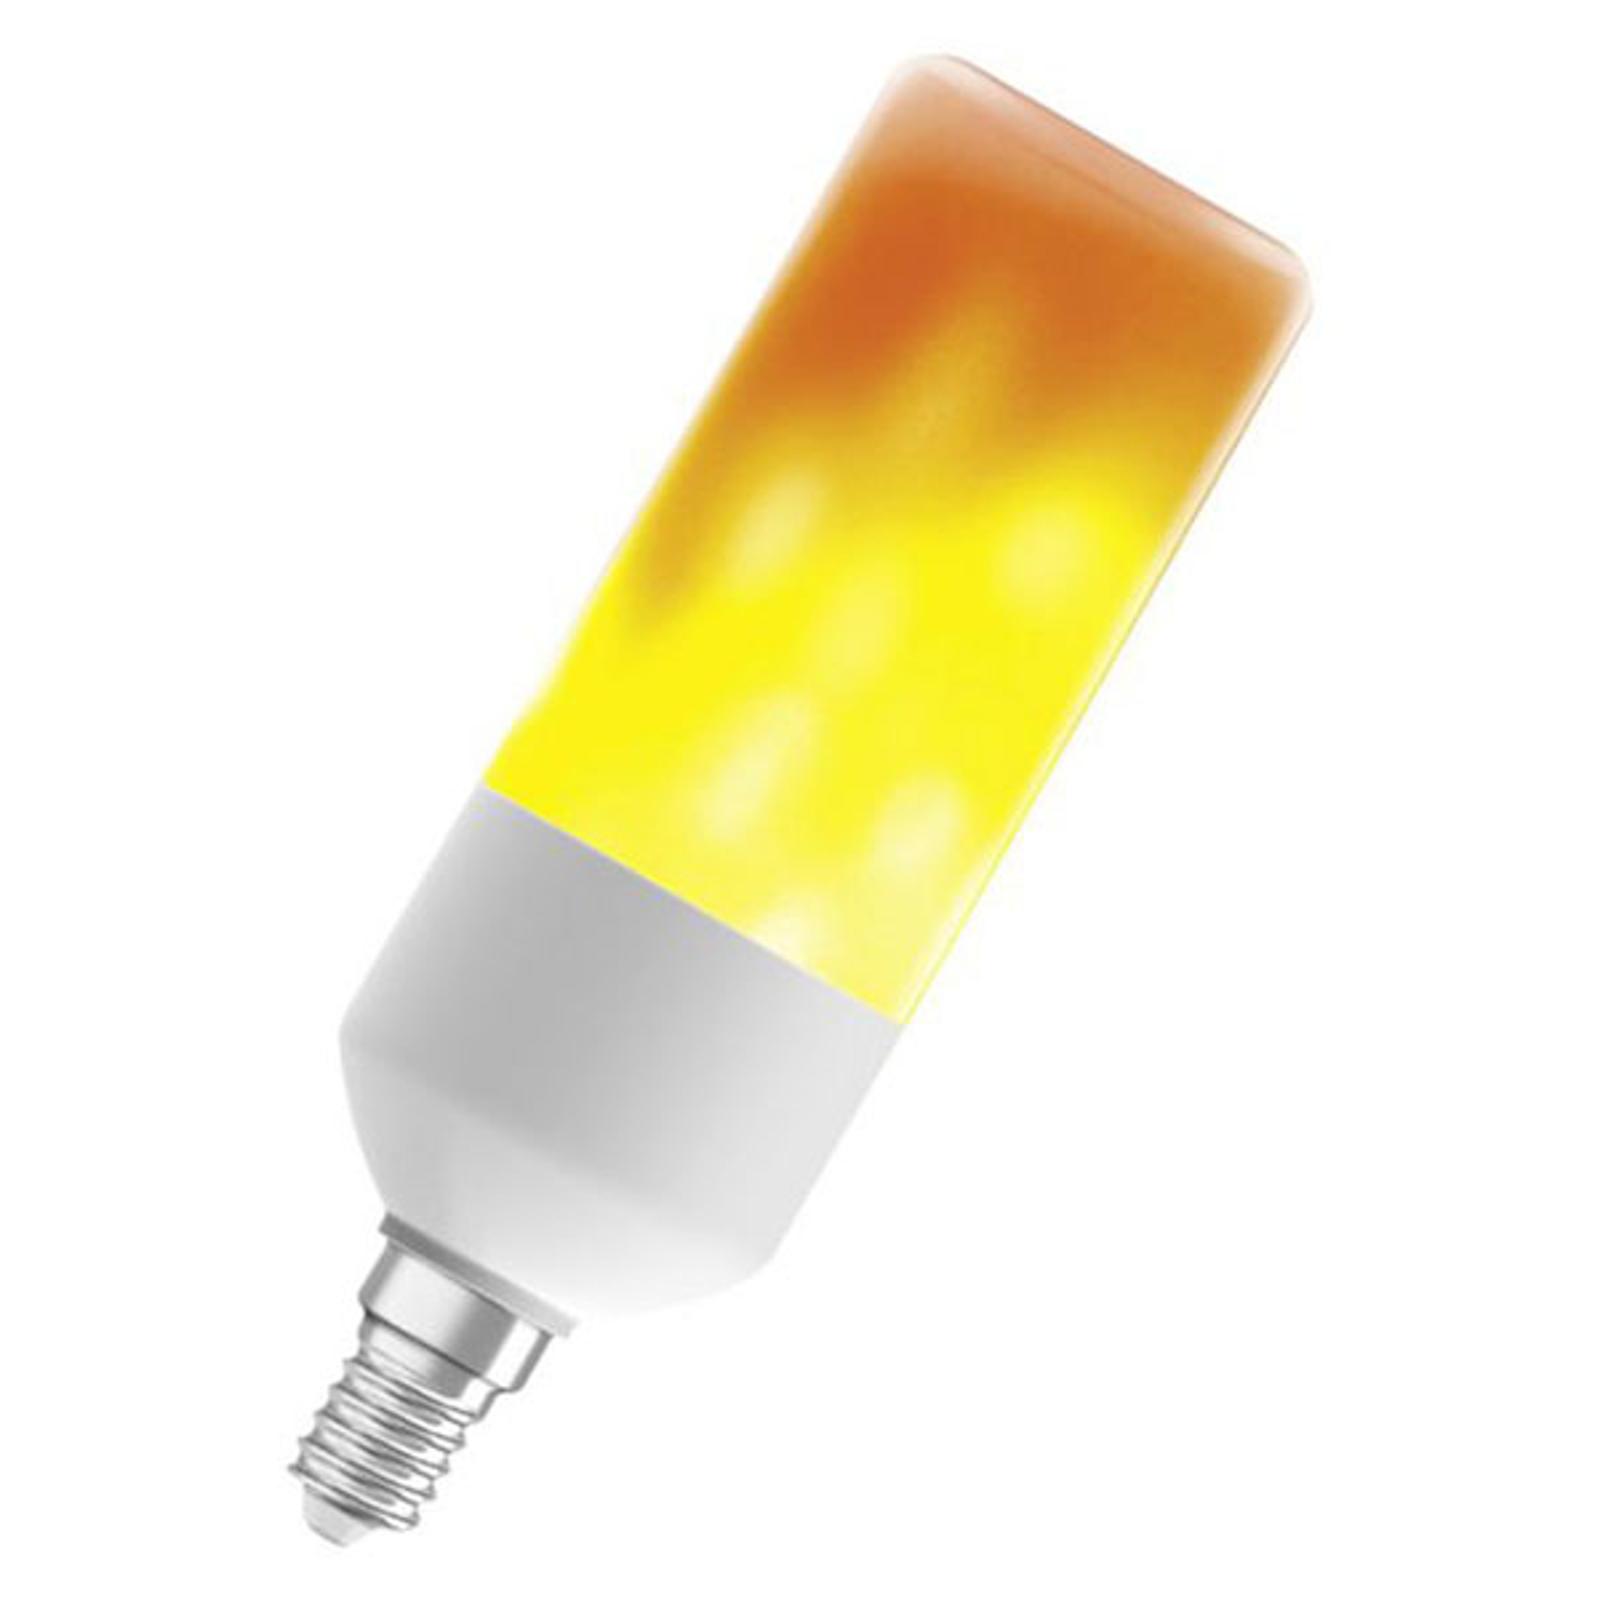 OSRAM Stick Flame LED-Lampe E14 0,5W 1.500K